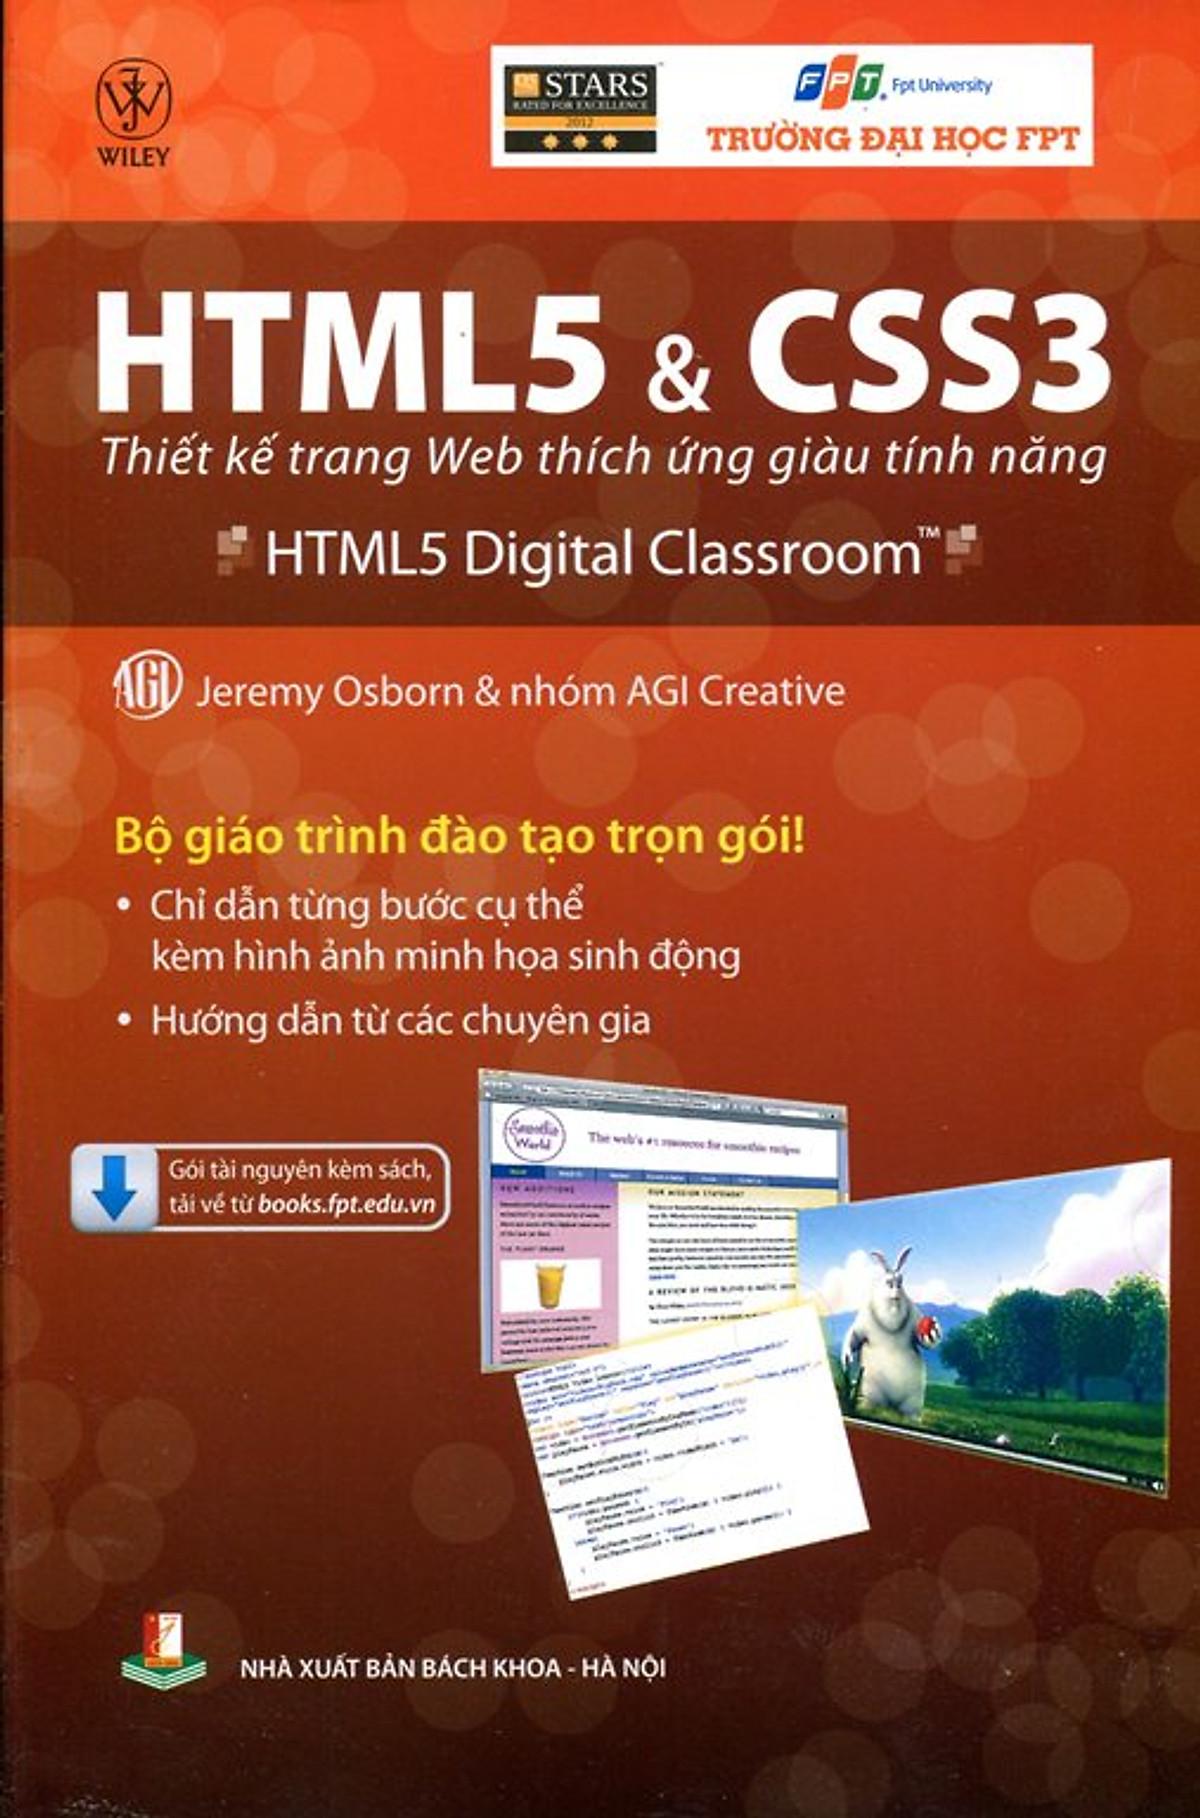 HTML5 Và CSS3: Thiết Kế Trang Web Thích Ứng Giàu Tính Năng – Jermy Osborn & Nhóm AGI Creative